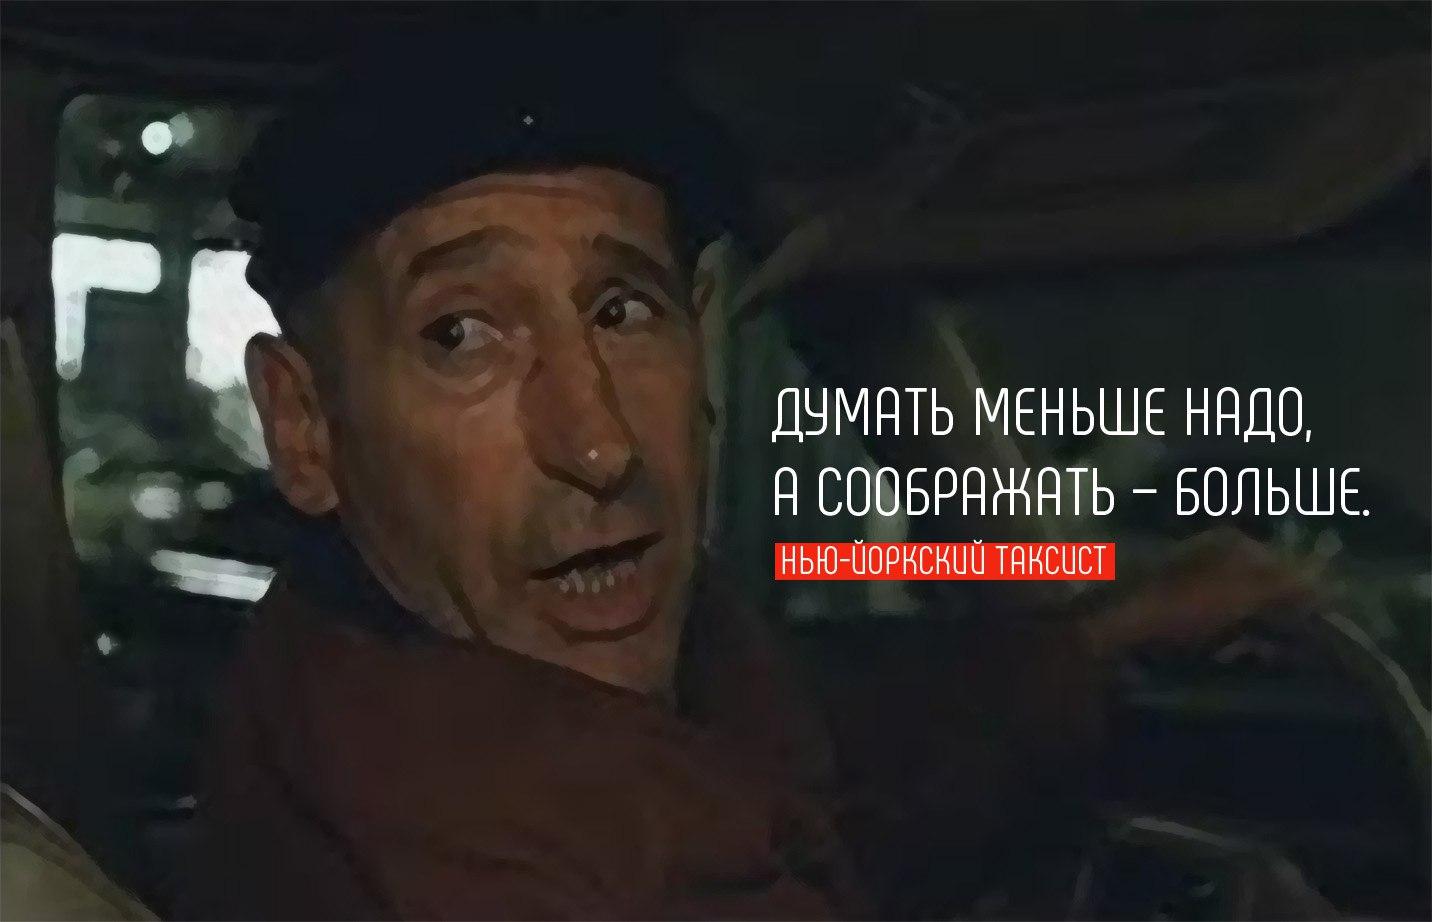 Брат 2 цитаты таксист актеров имена главных героев фильма терминатор 2 судный день 3d